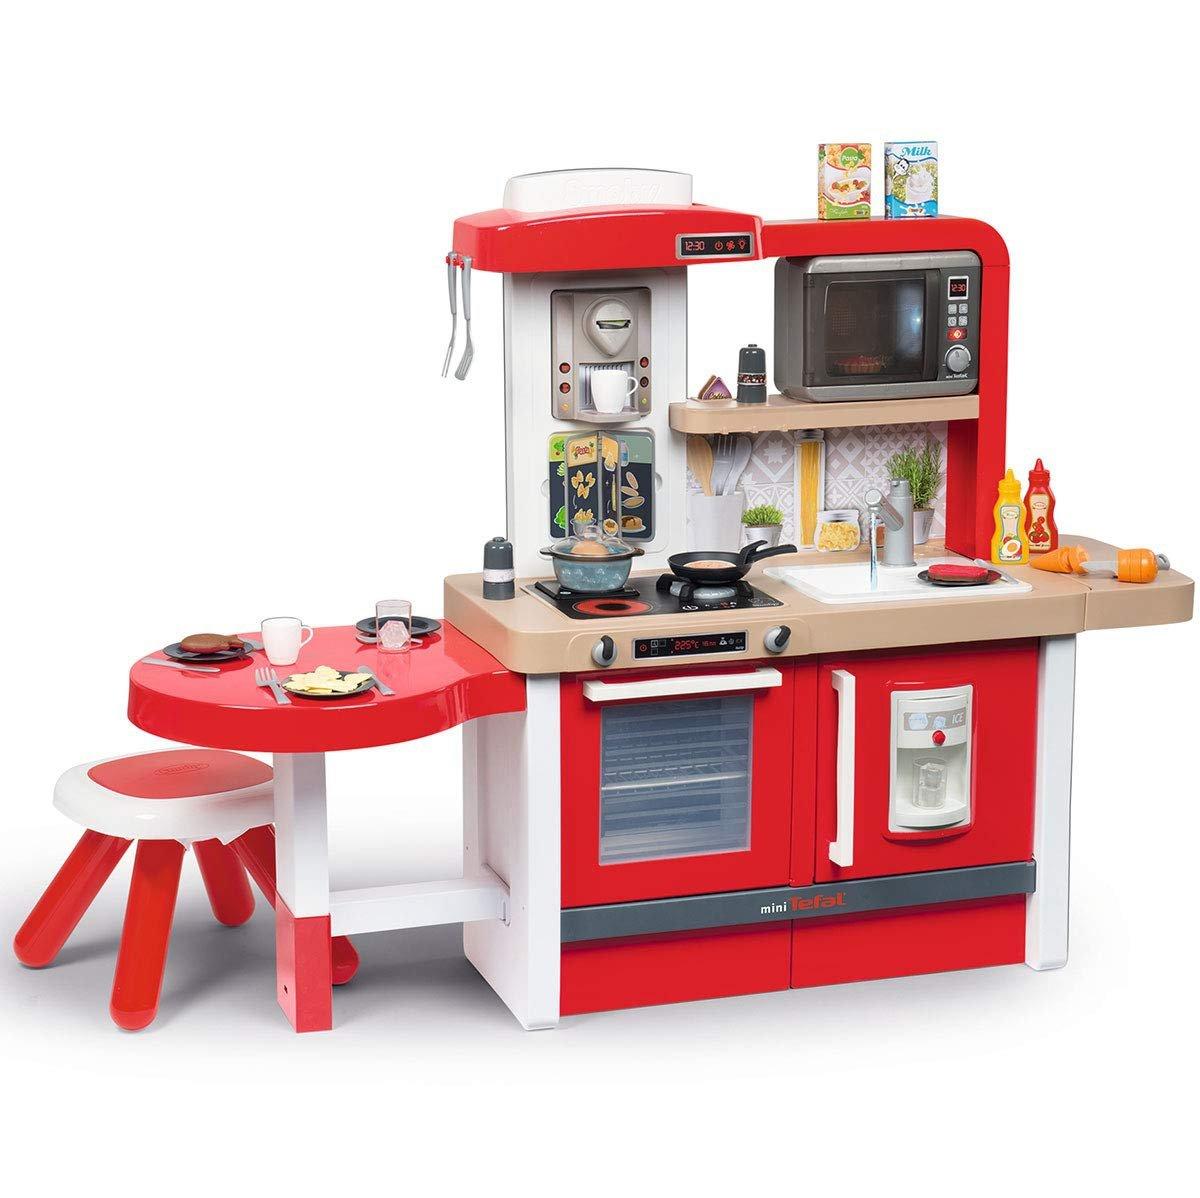 Smoby Kuchnia Dla Dzieci Mini Tefal Evolutive Gourmet 3